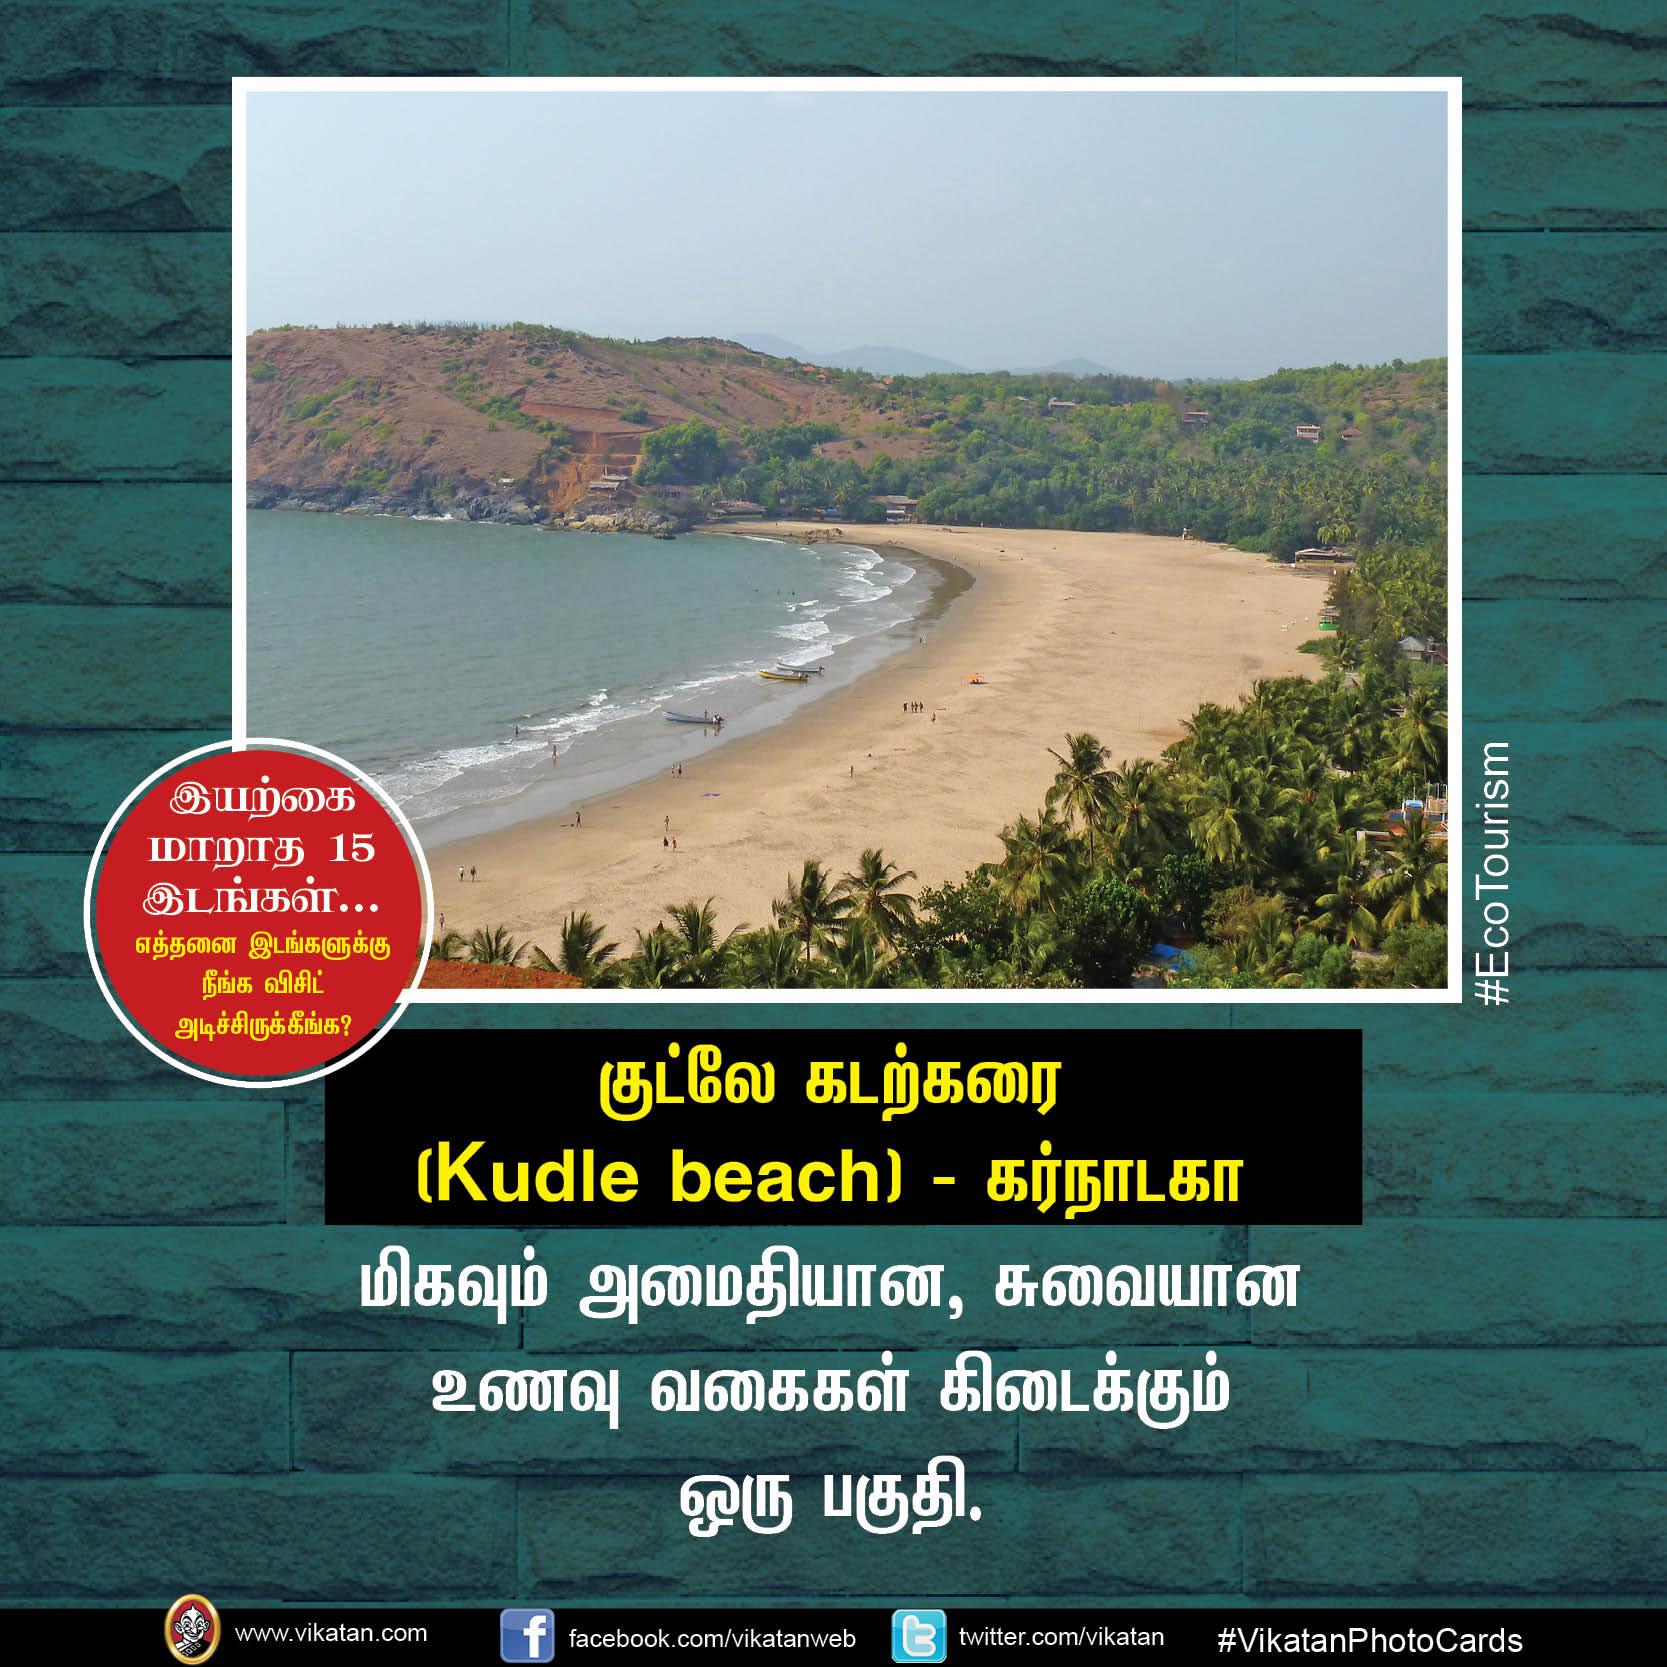 இயற்கை மாறாத 15 இடங்கள்... எத்தனை இடங்களுக்கு நீங்க விசிட் அடிச்சிருக்கீங்க? #VikatanPhotoCards